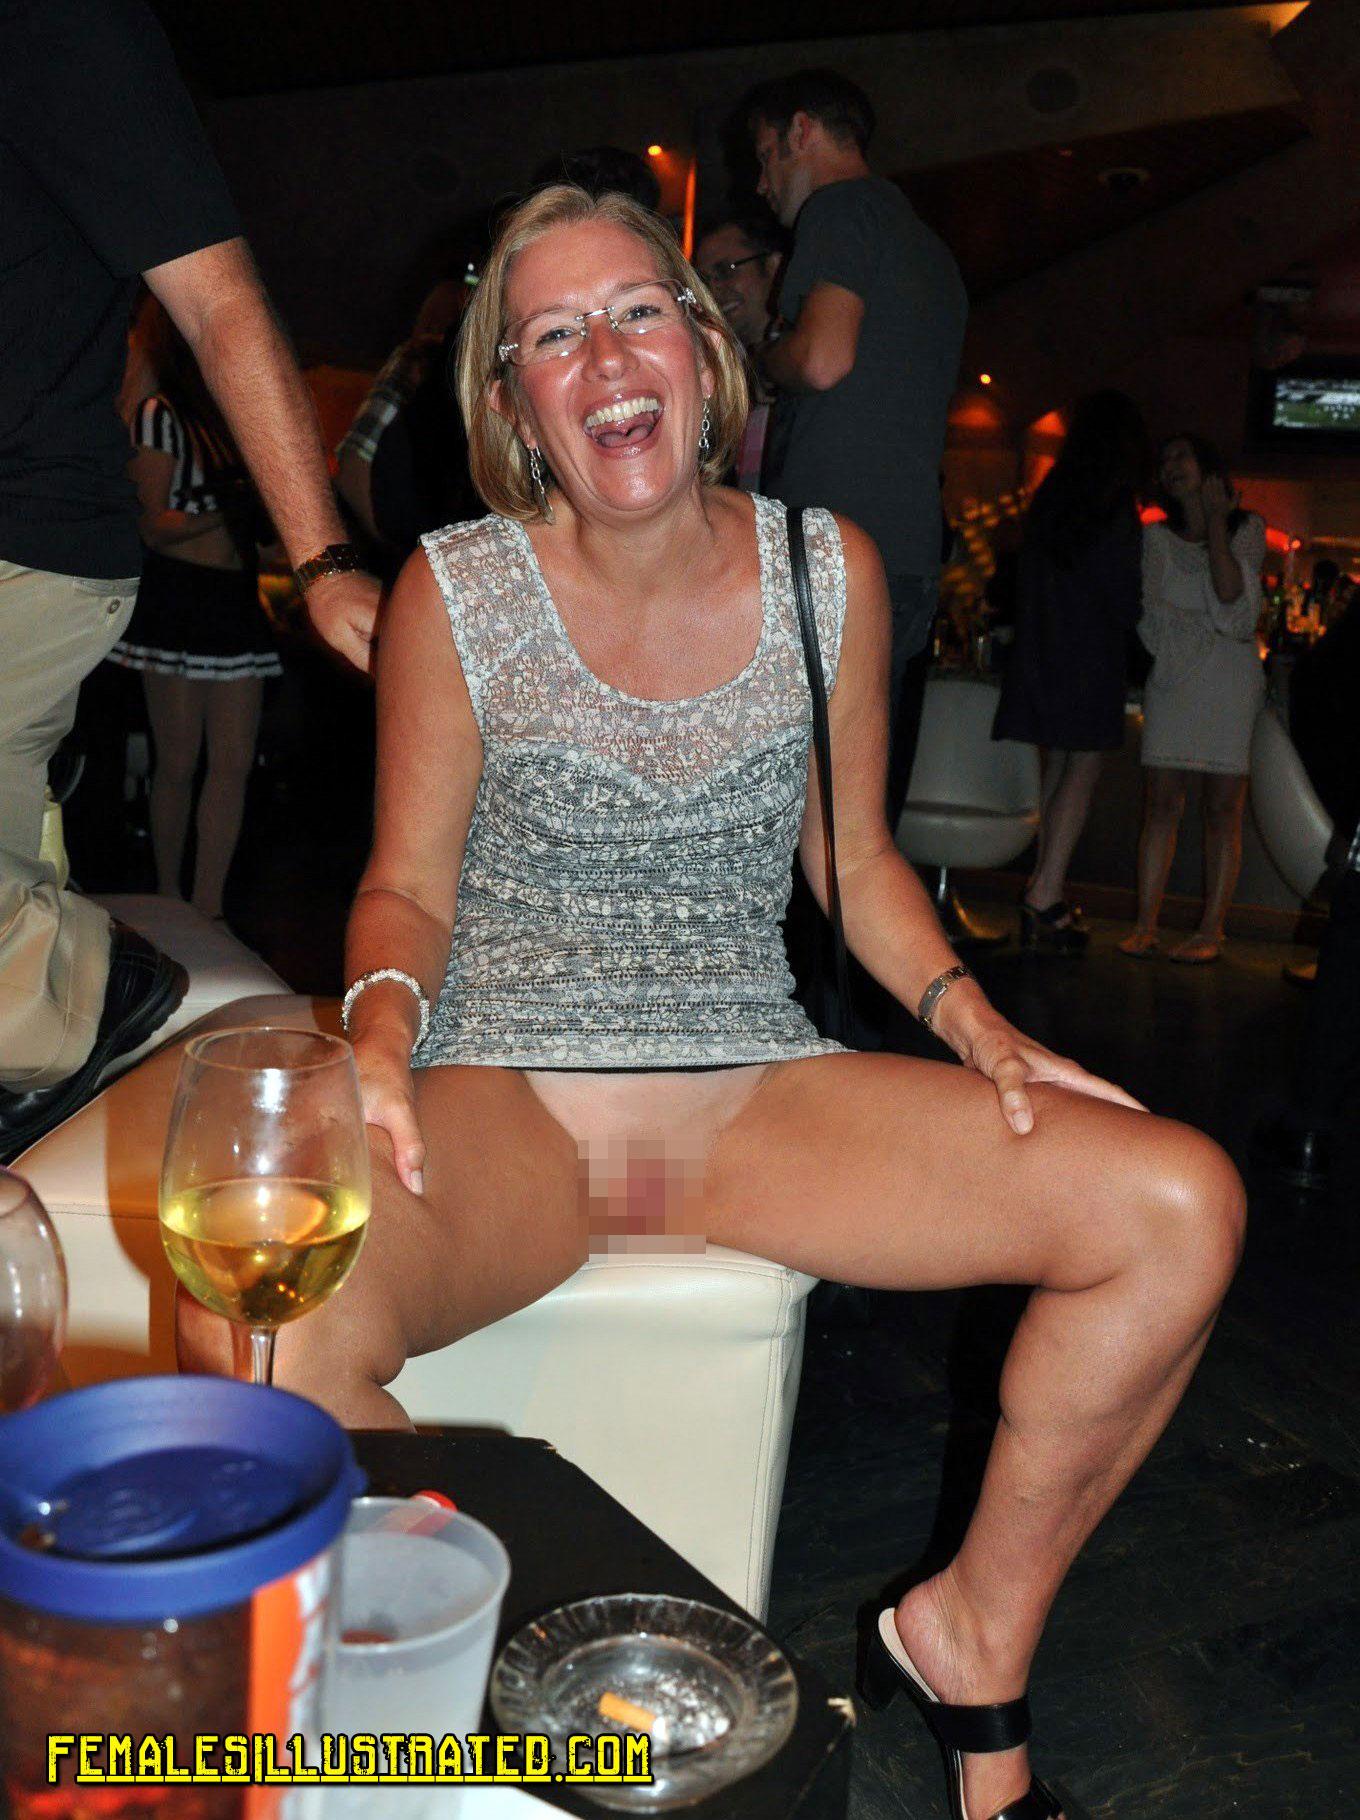 【泥酔エロ画像】外国人の女は酔っ払うとぱんつぬぎパンツ脱ぎたくなるのか!?泥酔したヤンキー娘がマンコまる出しなんだがwww その4